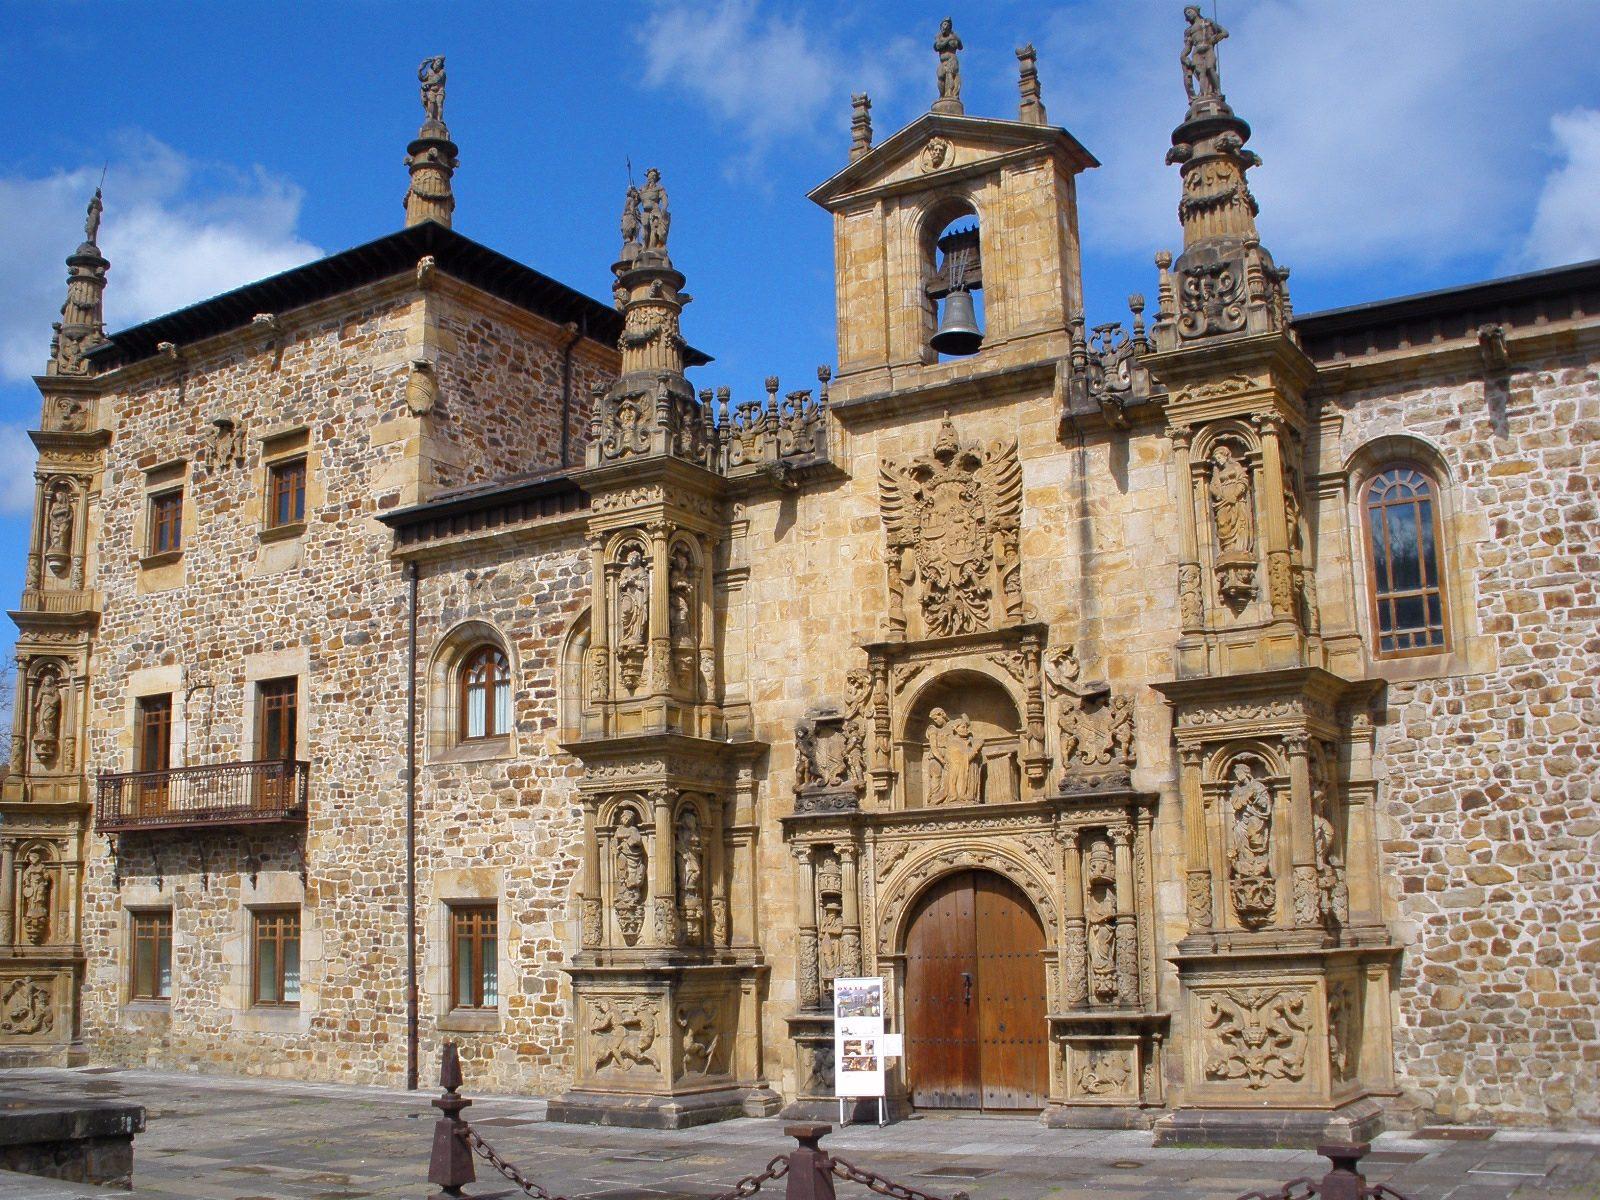 Archivo:Oñate - Universidad 12.jpg - Wikipedia, la enciclopedia libre